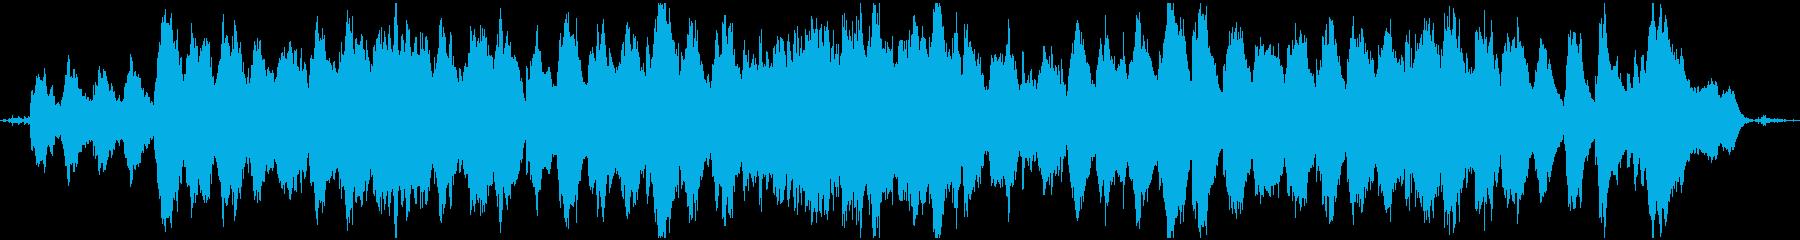 リラックスできる夢心地なBGM&波の音の再生済みの波形